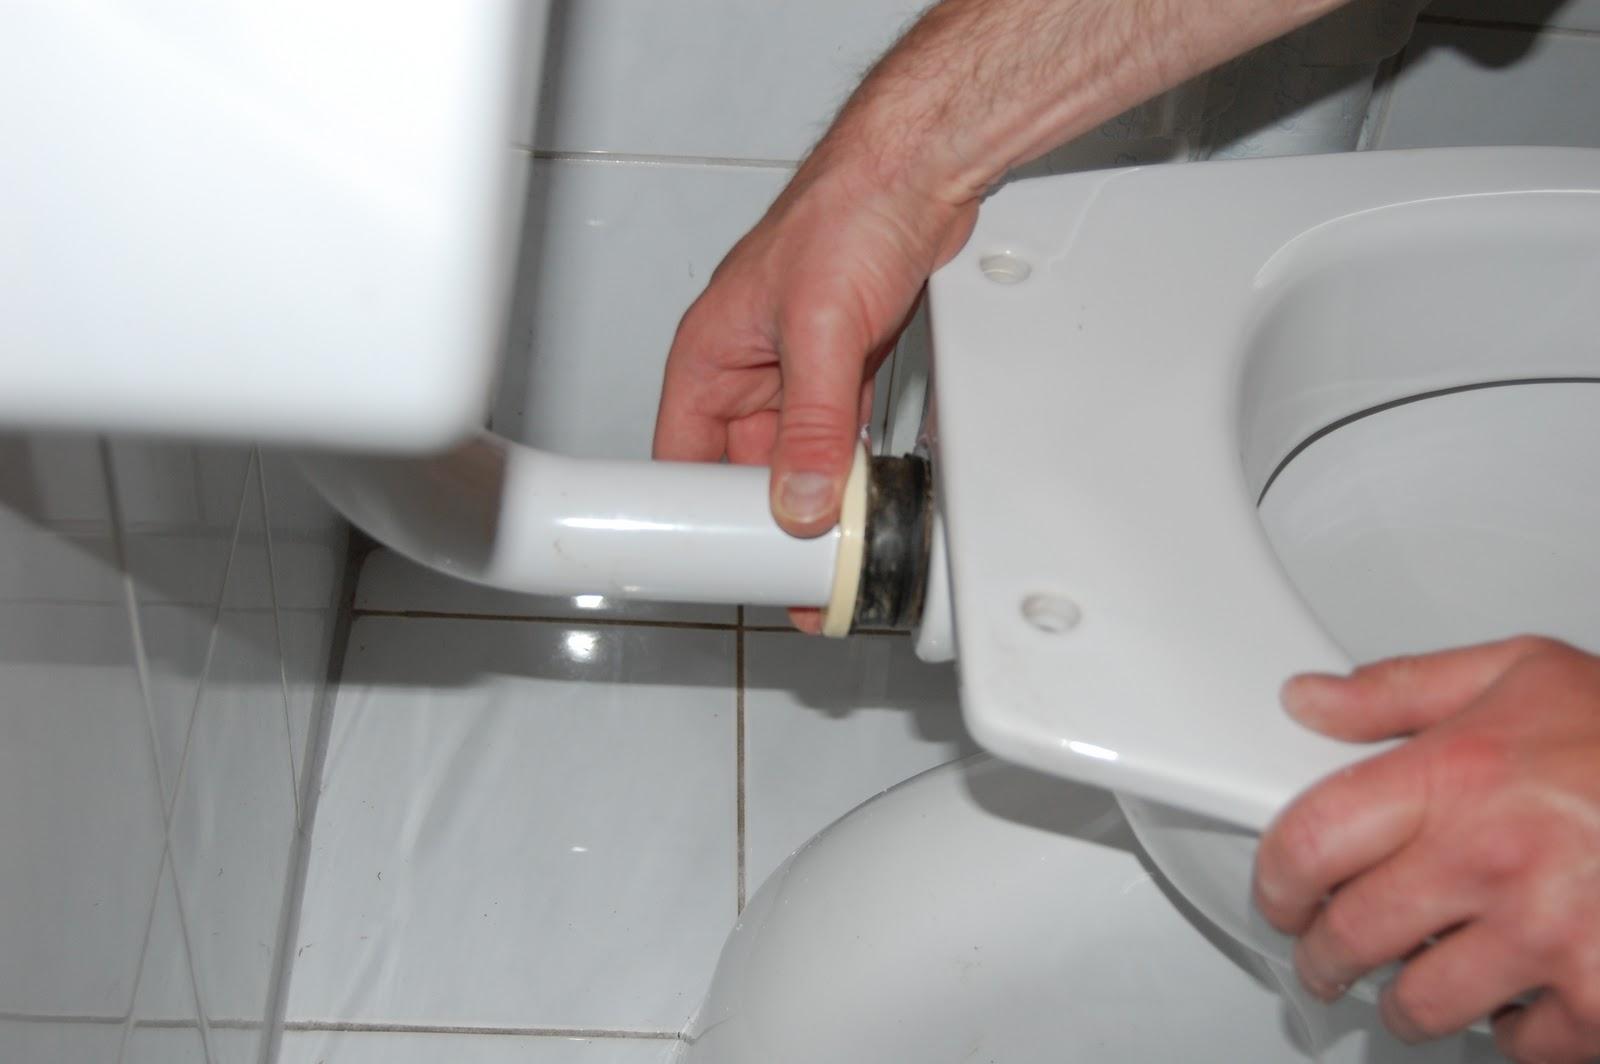 Toilette dichtung wechseln  Abdeckung ablauf dusche